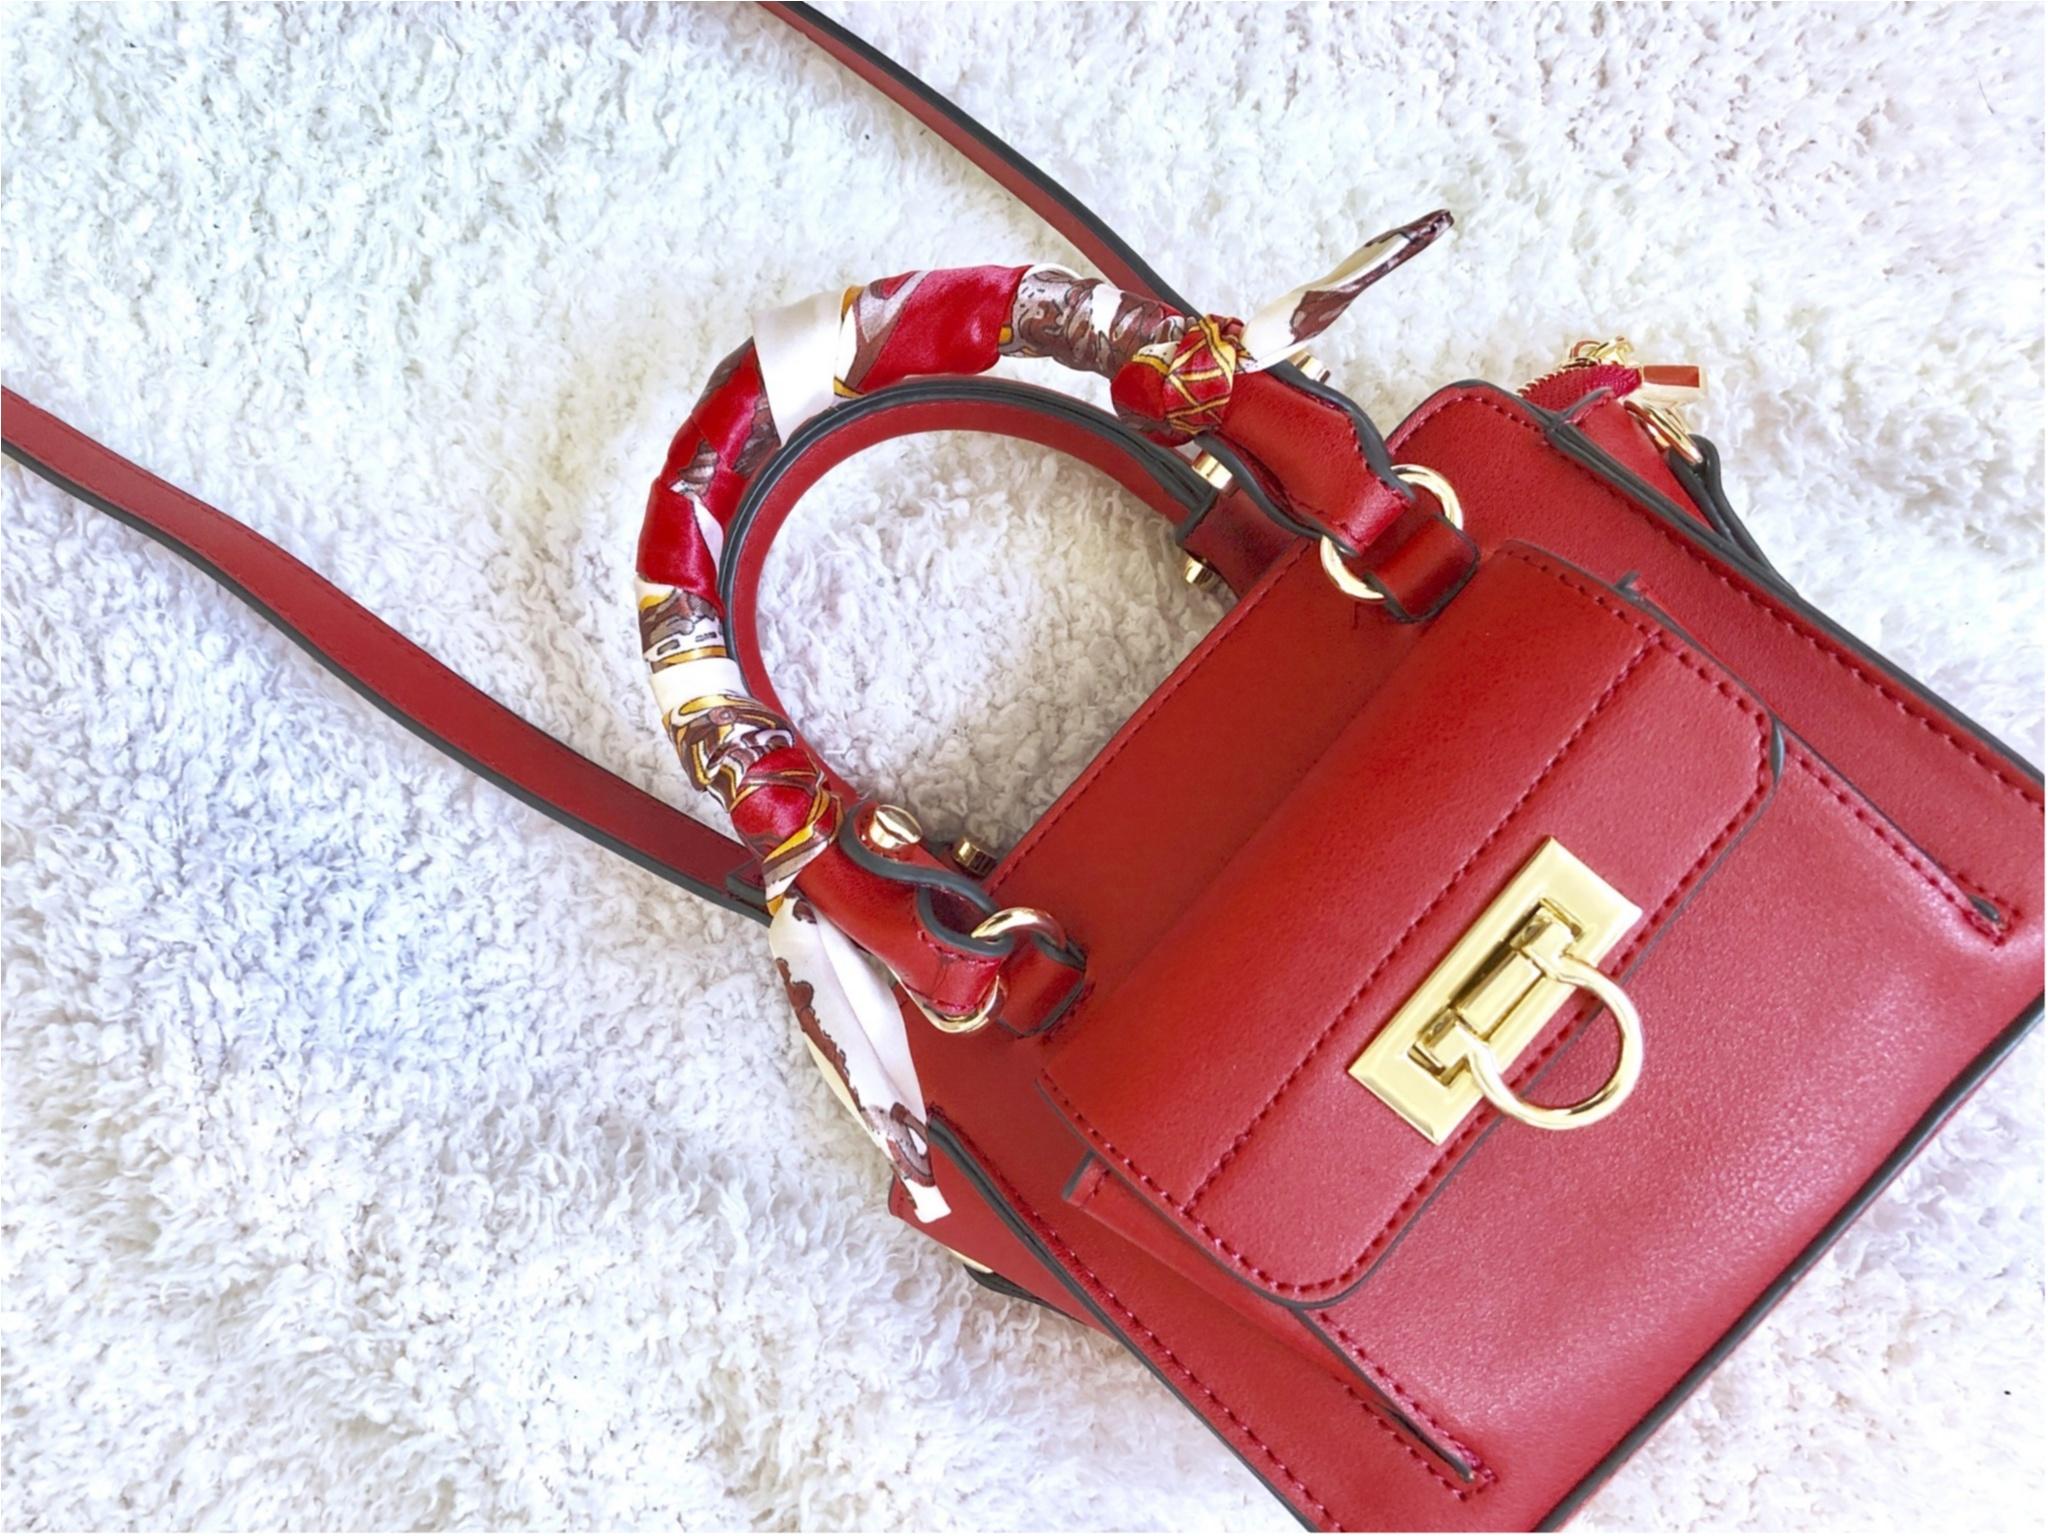 みんなどんなバッグ使ってるの? 憧れブランドもまとめて「愛用バッグ」まとめ♡♡_1_10